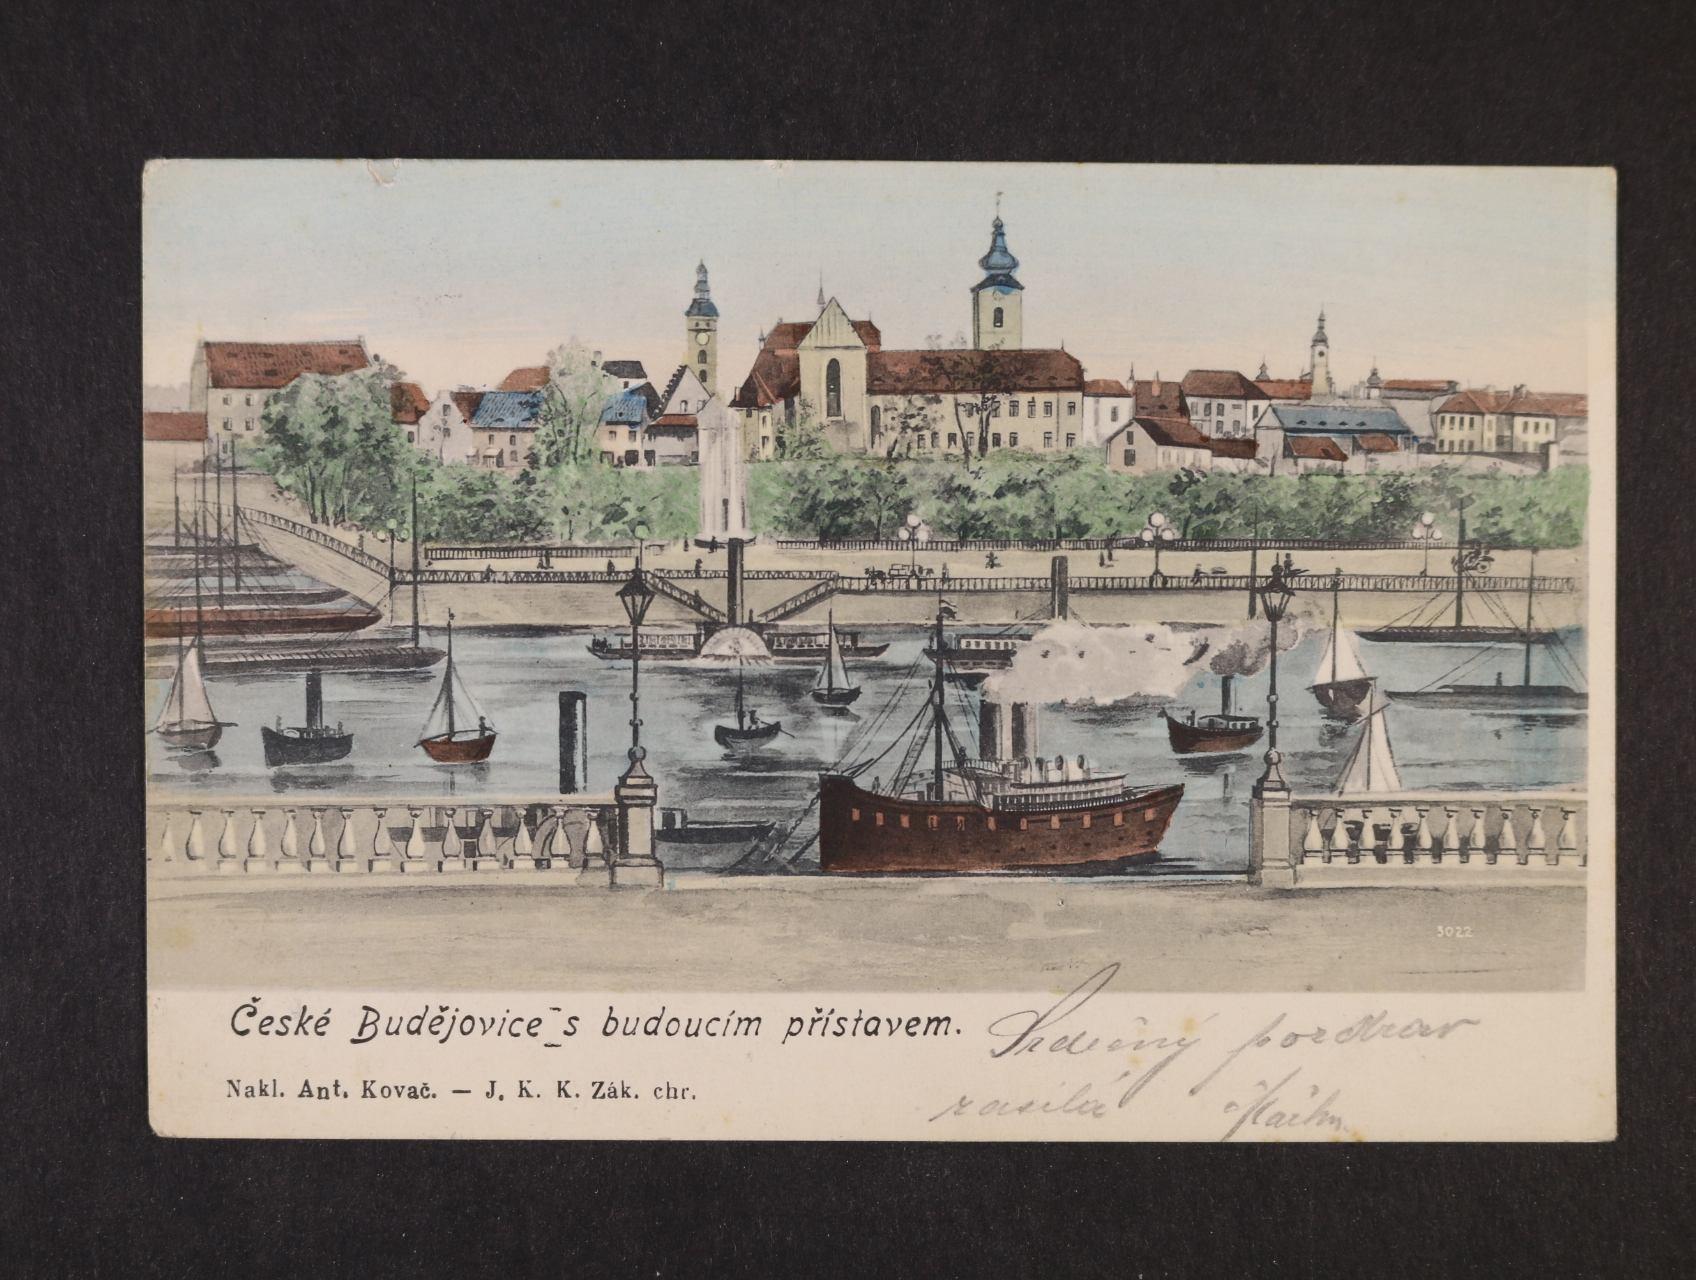 České Budějovice - bar. litograf. koláž, dl. adresa, použitá  1907, dobrá kvalita